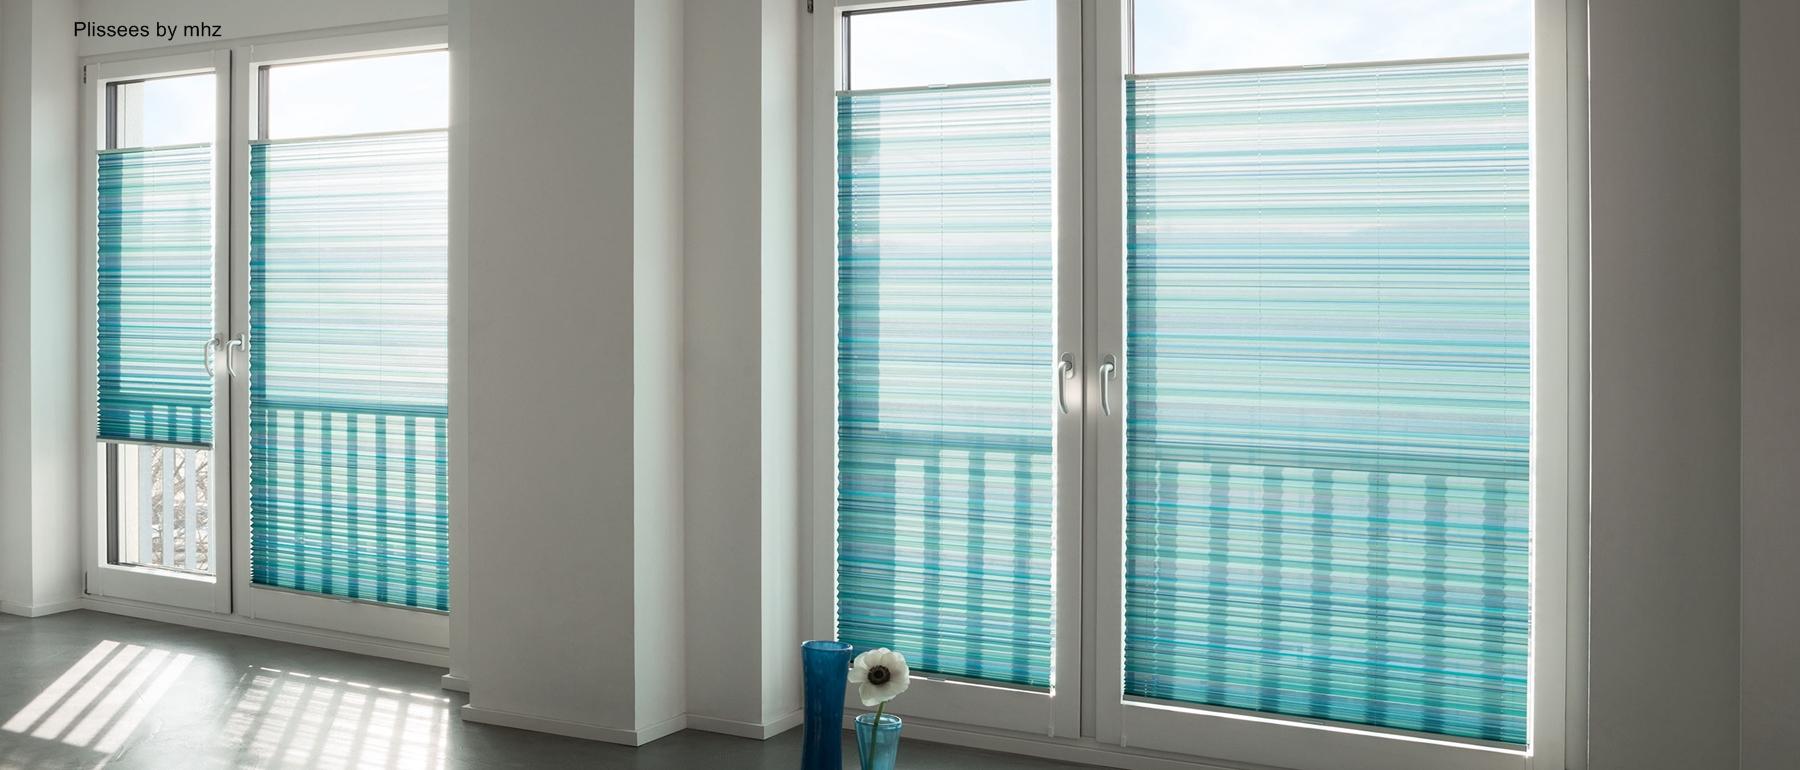 Full Size of Plissees Fr Fenster Langenselbold Lamellen Junker Plissee Kinderzimmer Regal Regale Sofa Weiß Kinderzimmer Plissee Kinderzimmer